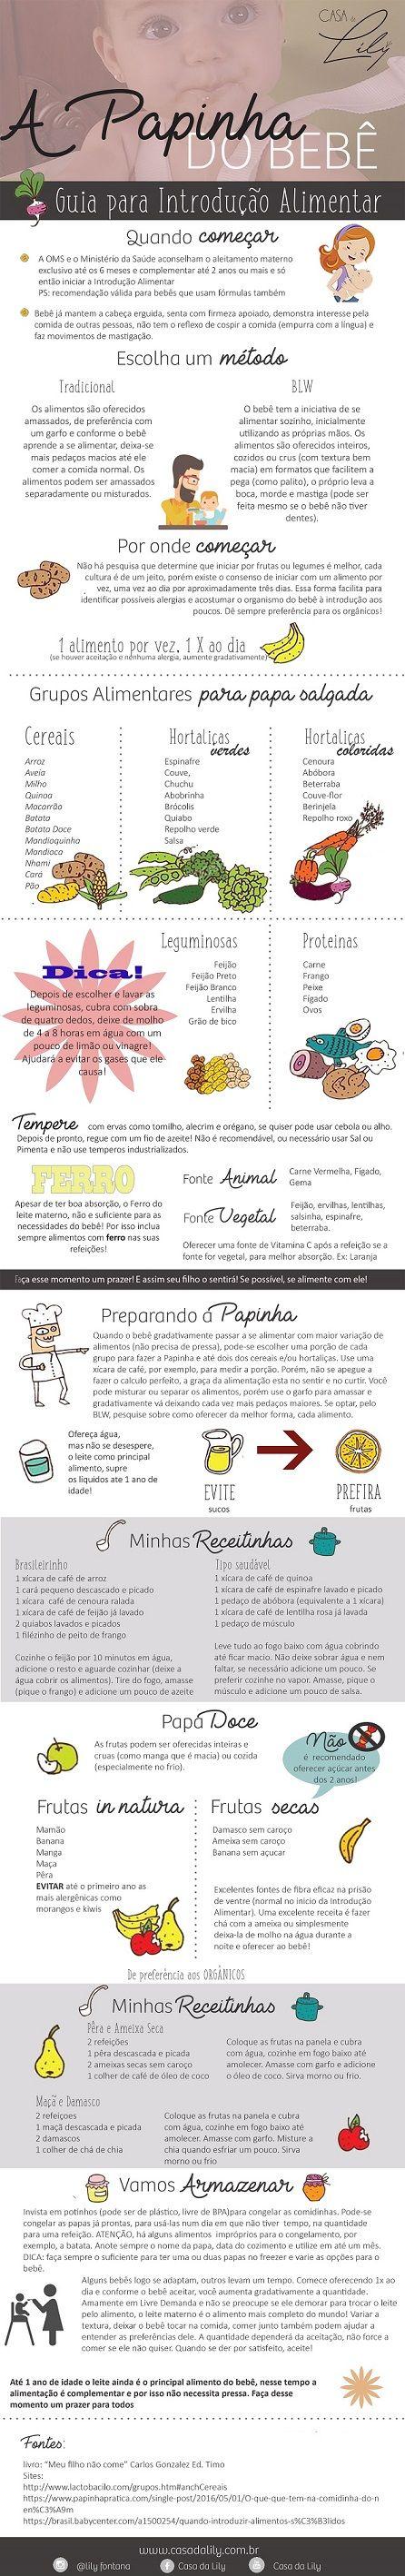 Infografico Papinha Do Bebe Um Guia Para A Introducao Alimentar